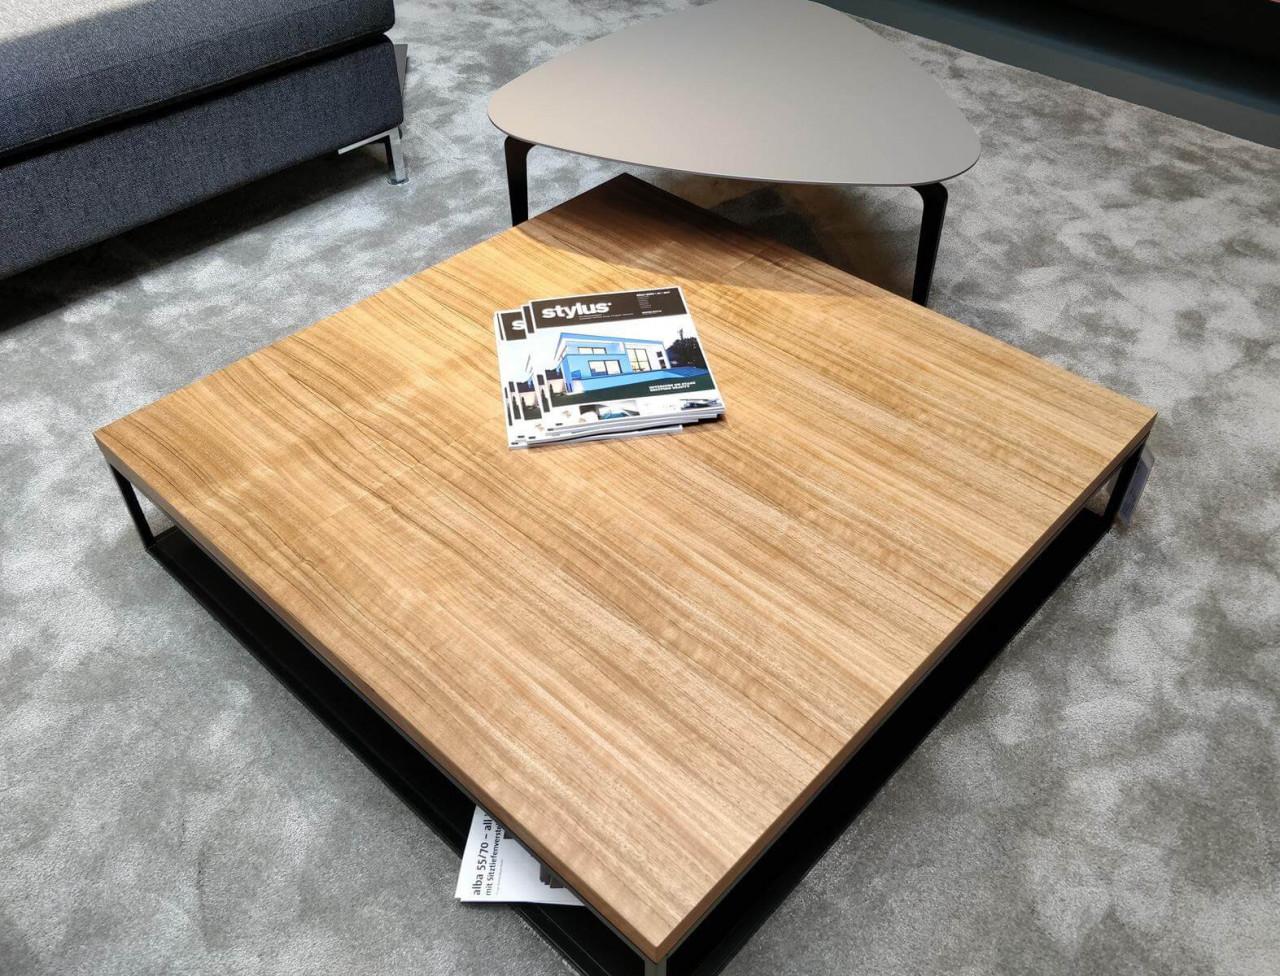 couchtisch gebraucht k ln sofa gebraucht m nchen beste. Black Bedroom Furniture Sets. Home Design Ideas